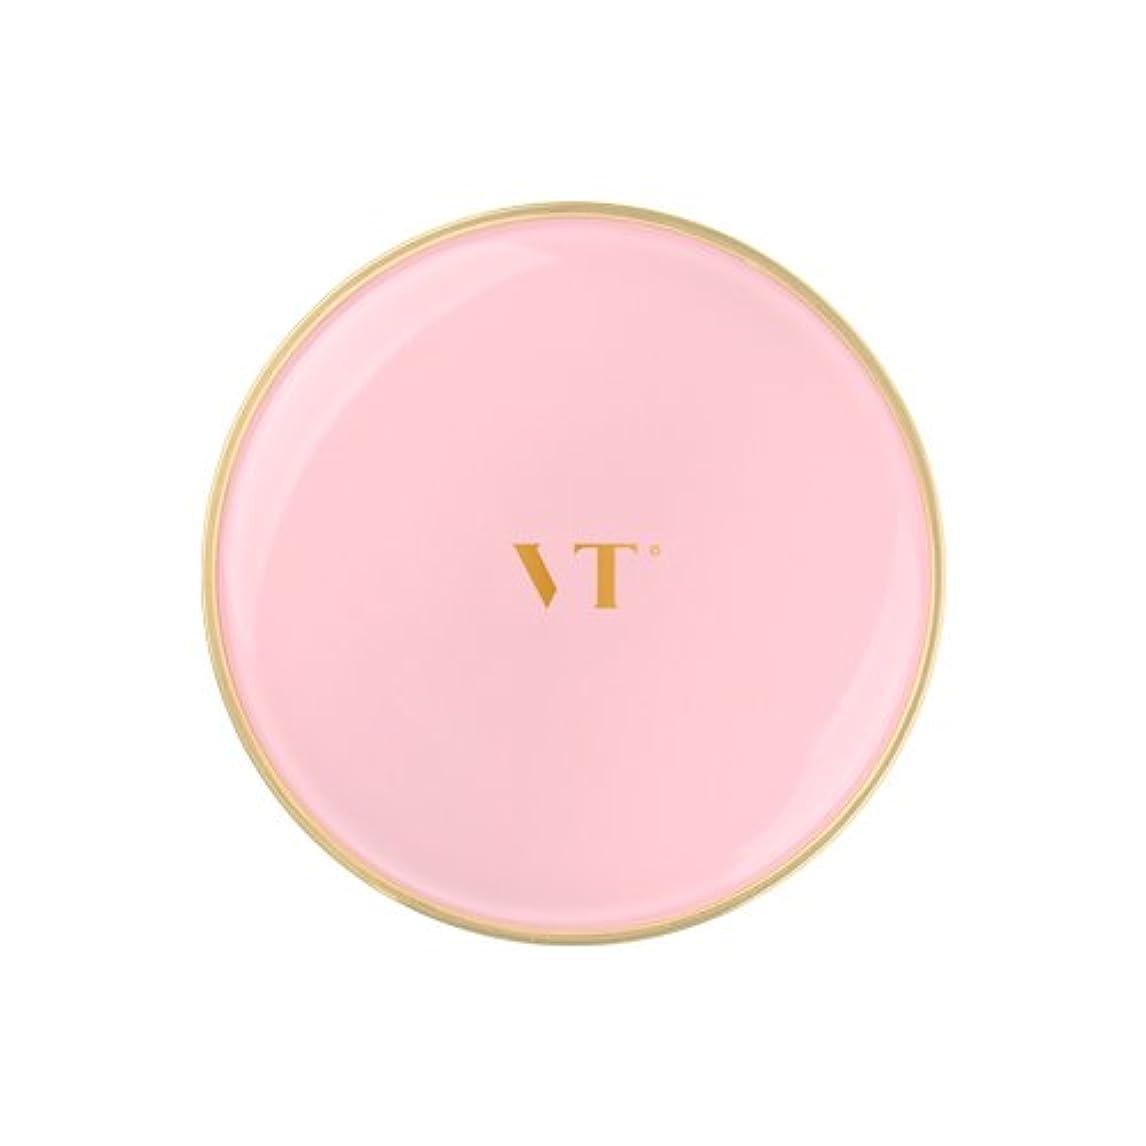 銀広がり博覧会VT Collagen Pact 11g/ブイティー コラーゲン パクト 11g (#21) [並行輸入品]